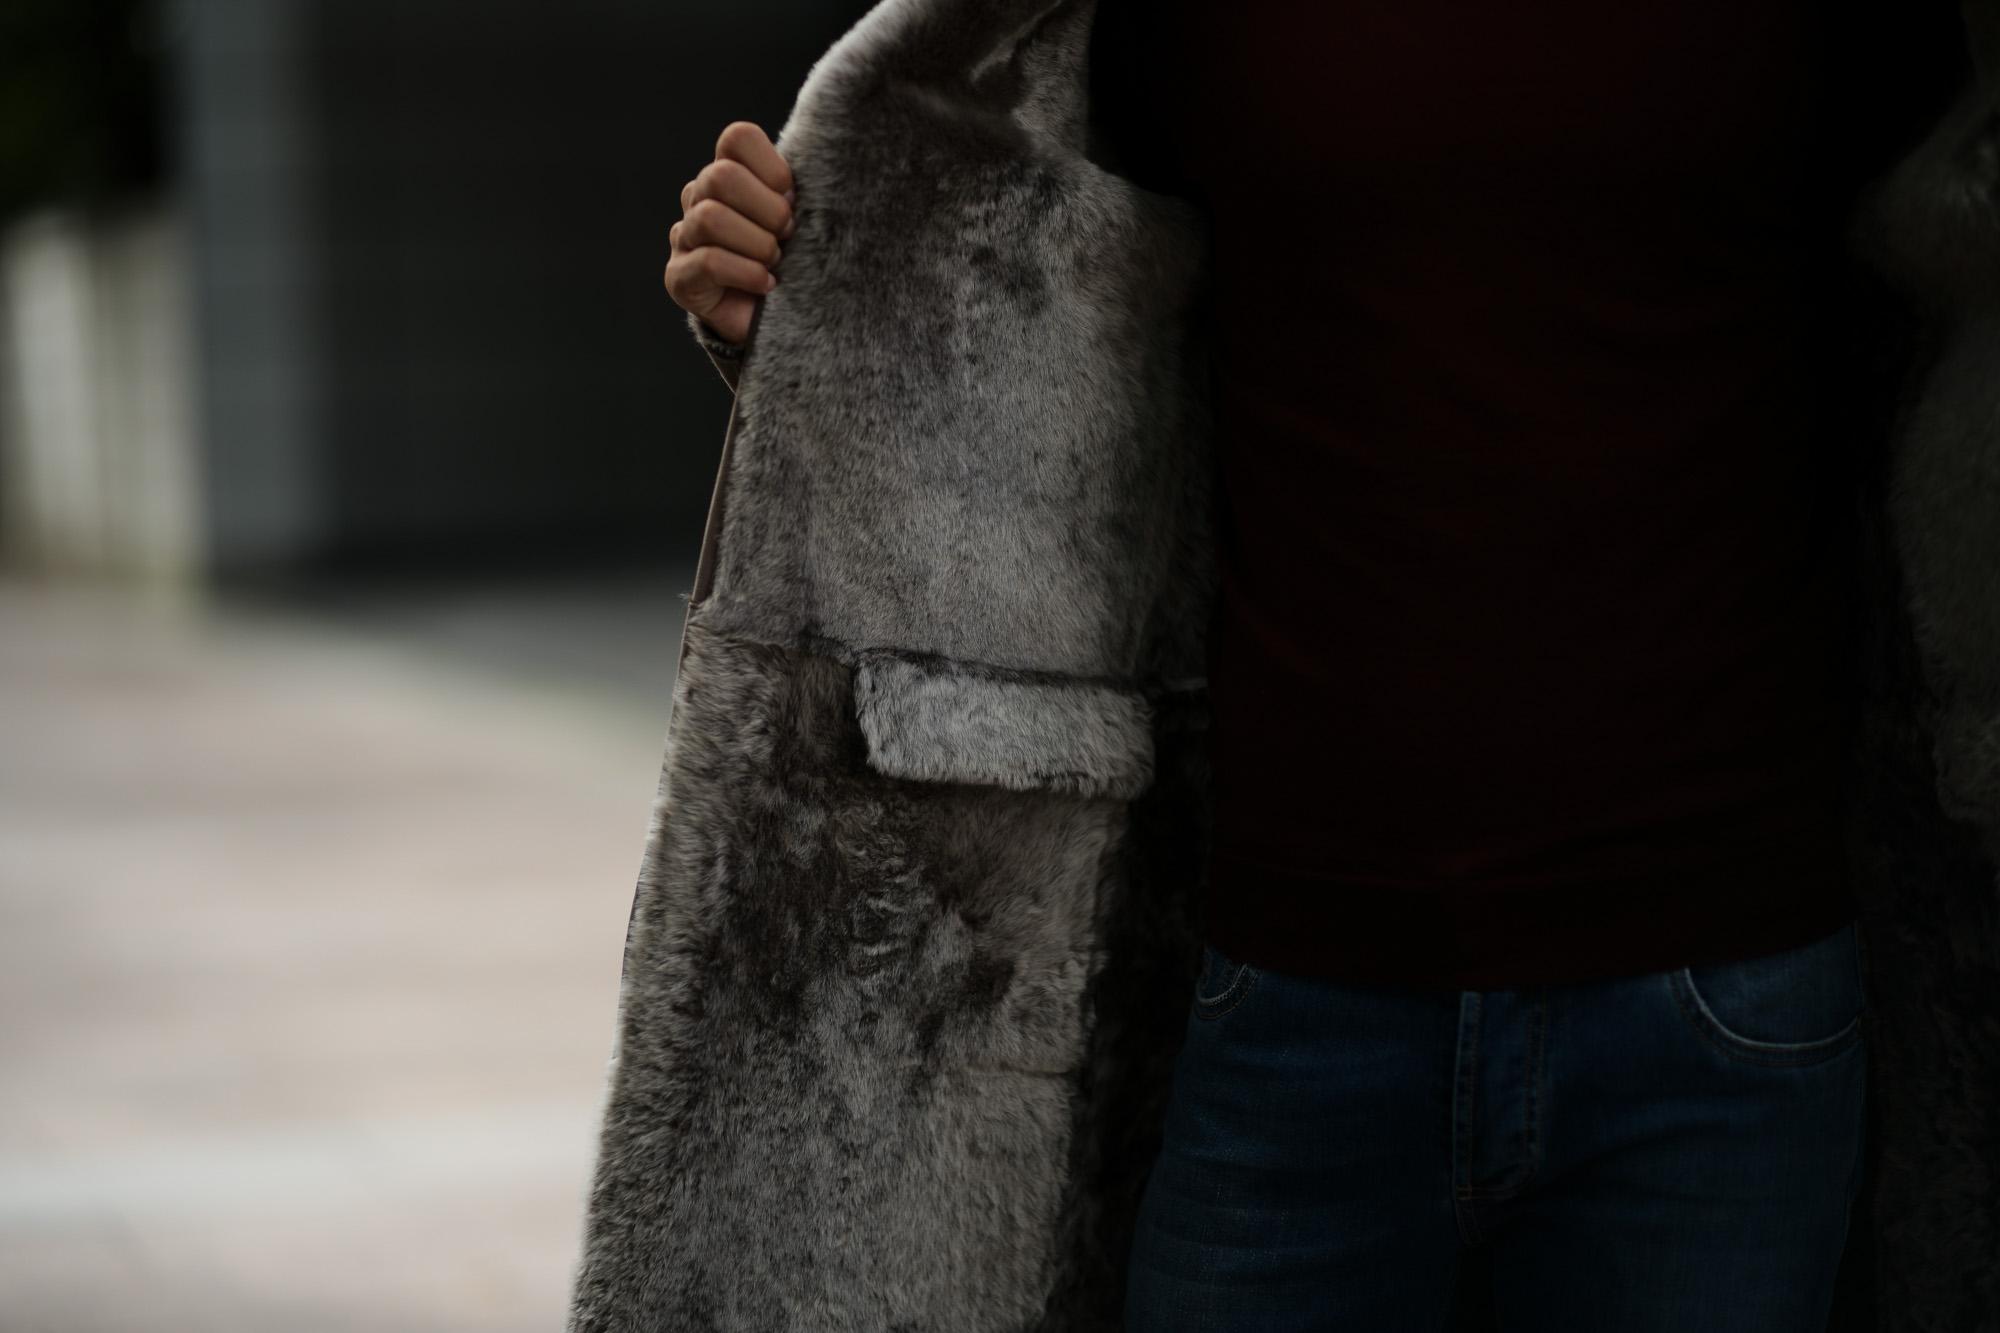 MANZONI 24 (マンツオーニ 24) Chester mouton coat (チェスター ムートン コート) Mouton (ムートン) リバーシブル ロング ムートンコート WOOD (ブラウン) Made in italy (イタリア製) 2018 秋冬新作 manzoni24 愛知 名古屋 altoediritto アルトエデリット